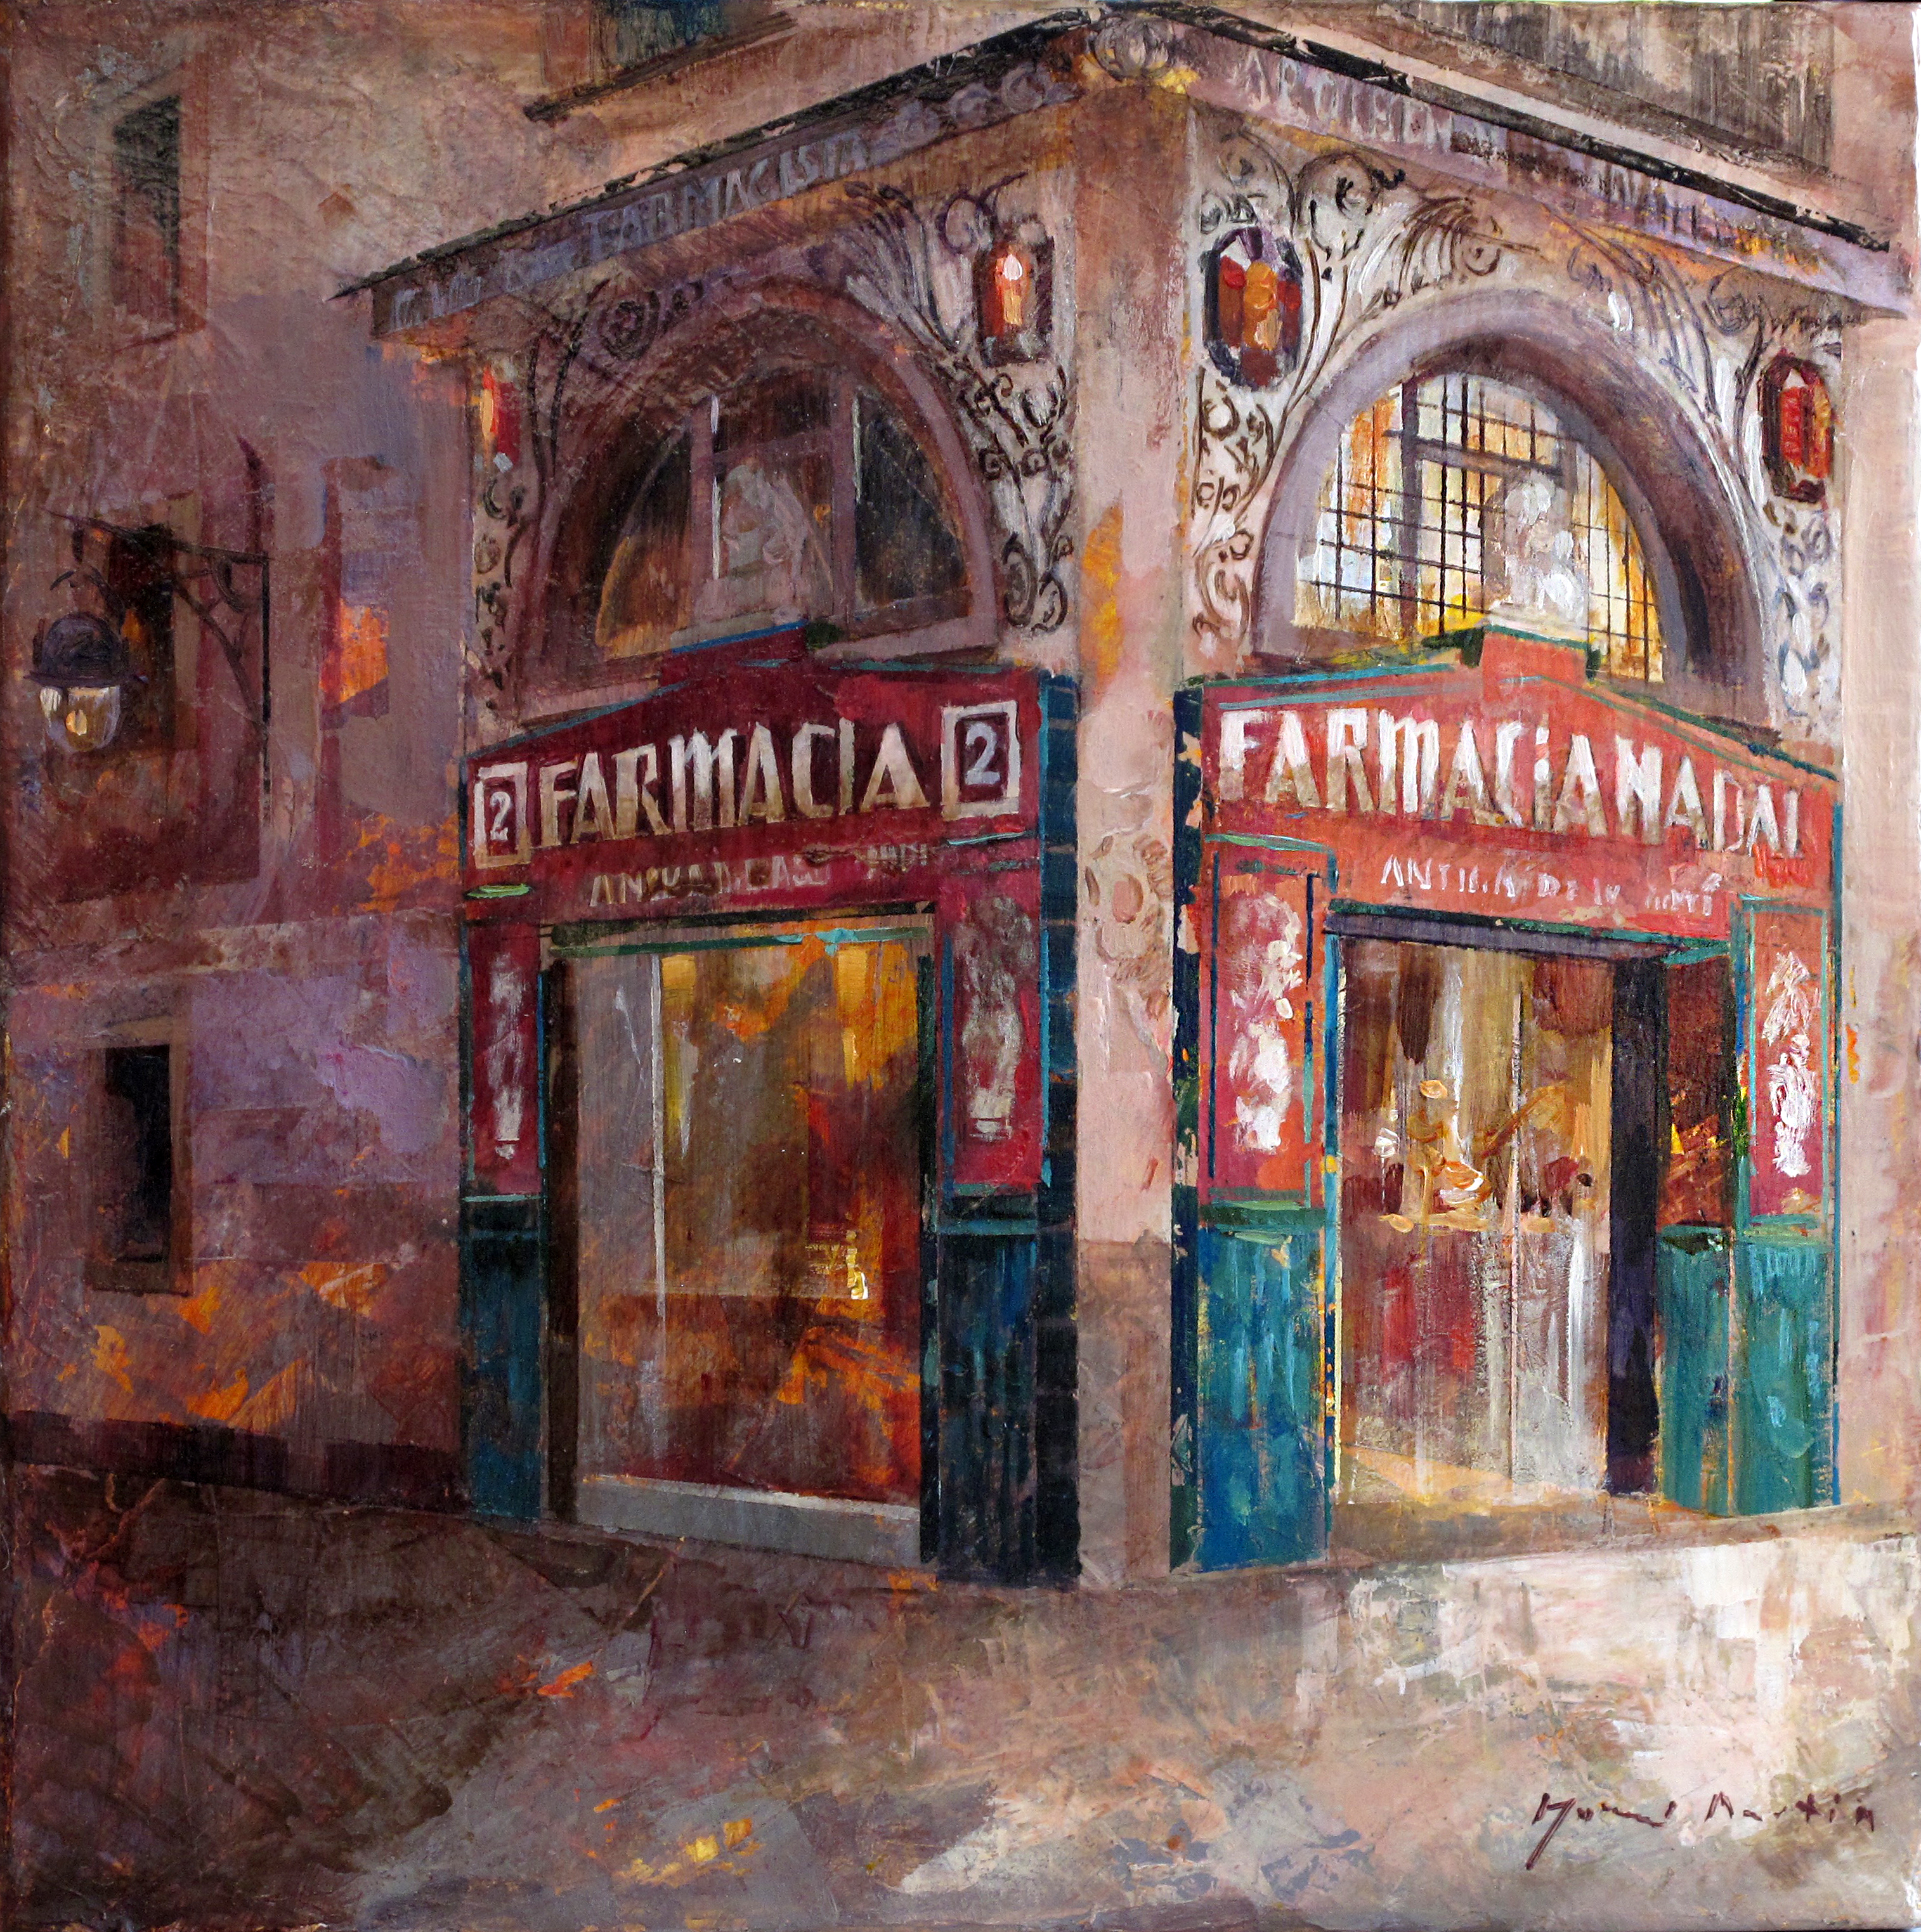 Las ramblas Farmacia - 33 x 33 cm